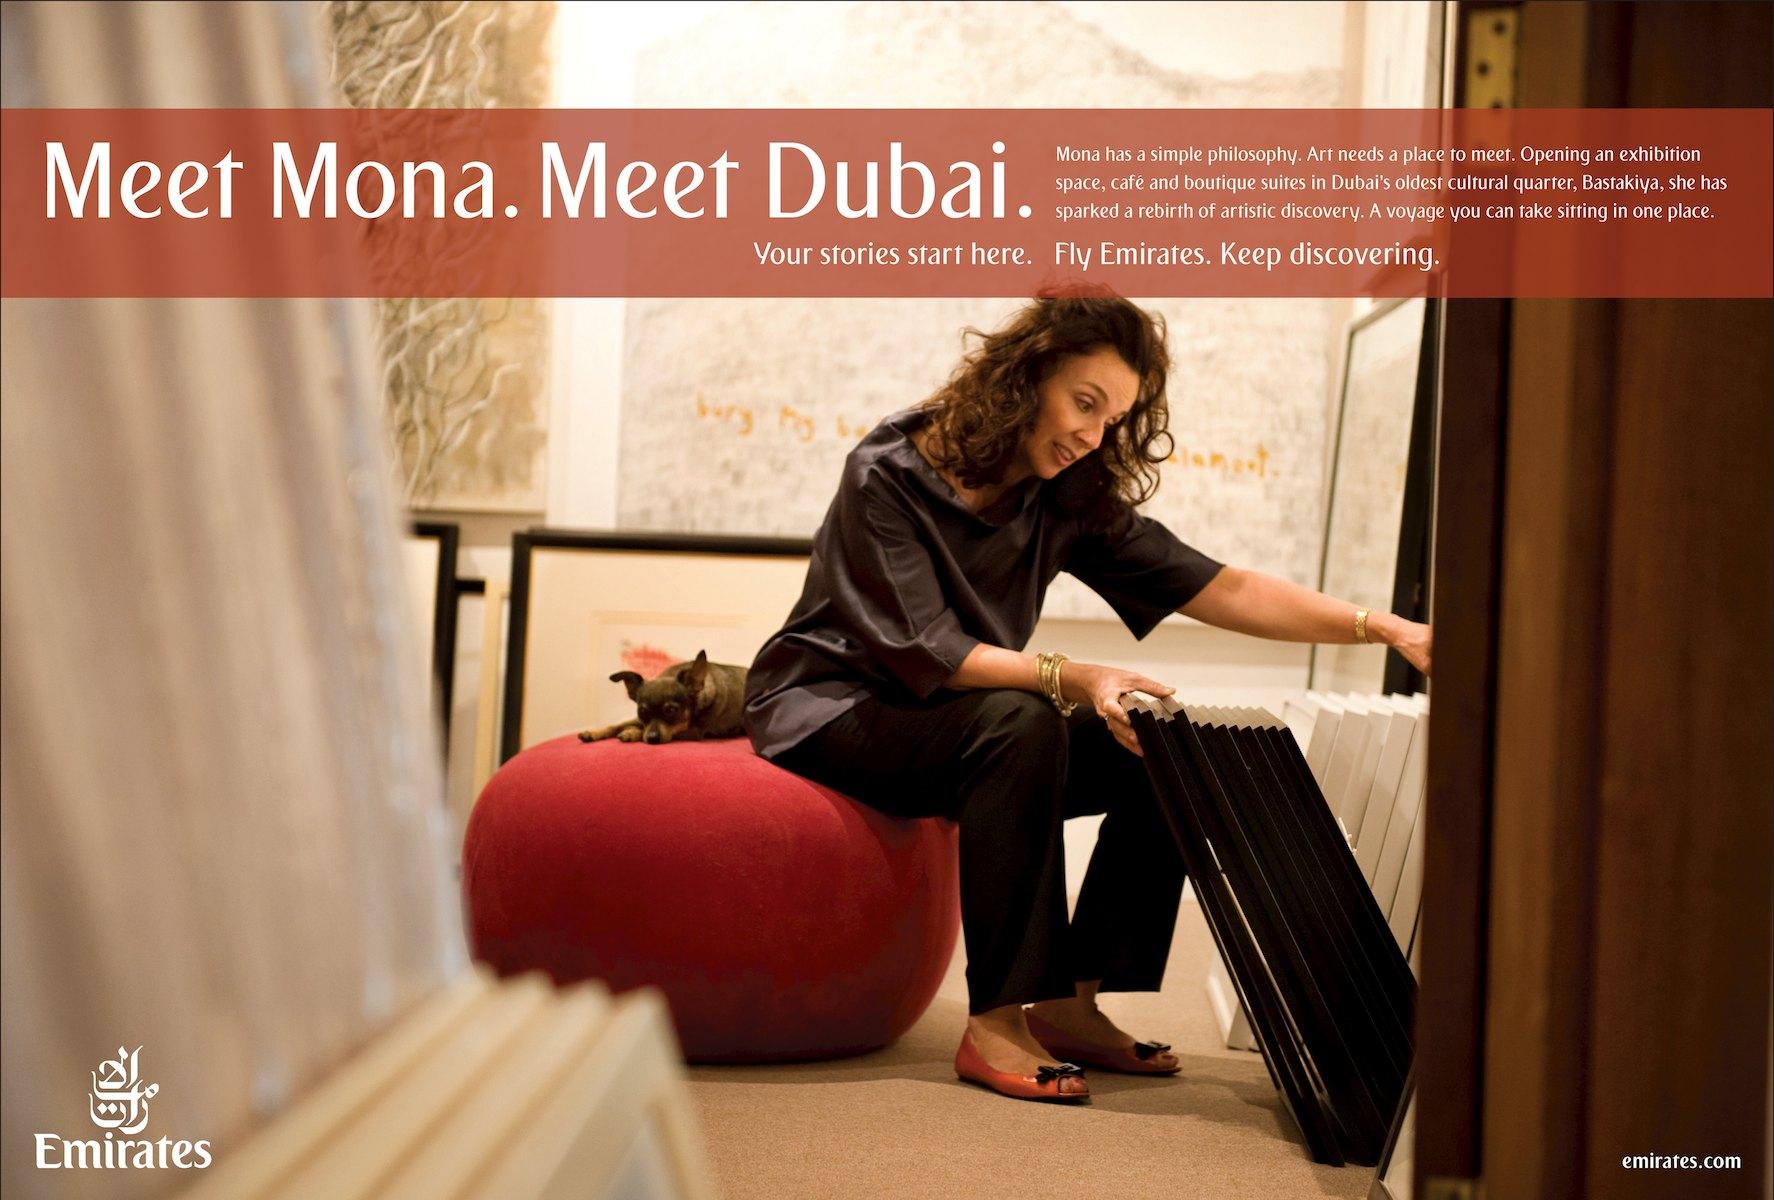 EK Meet Dxb Mona 420x297.jpg